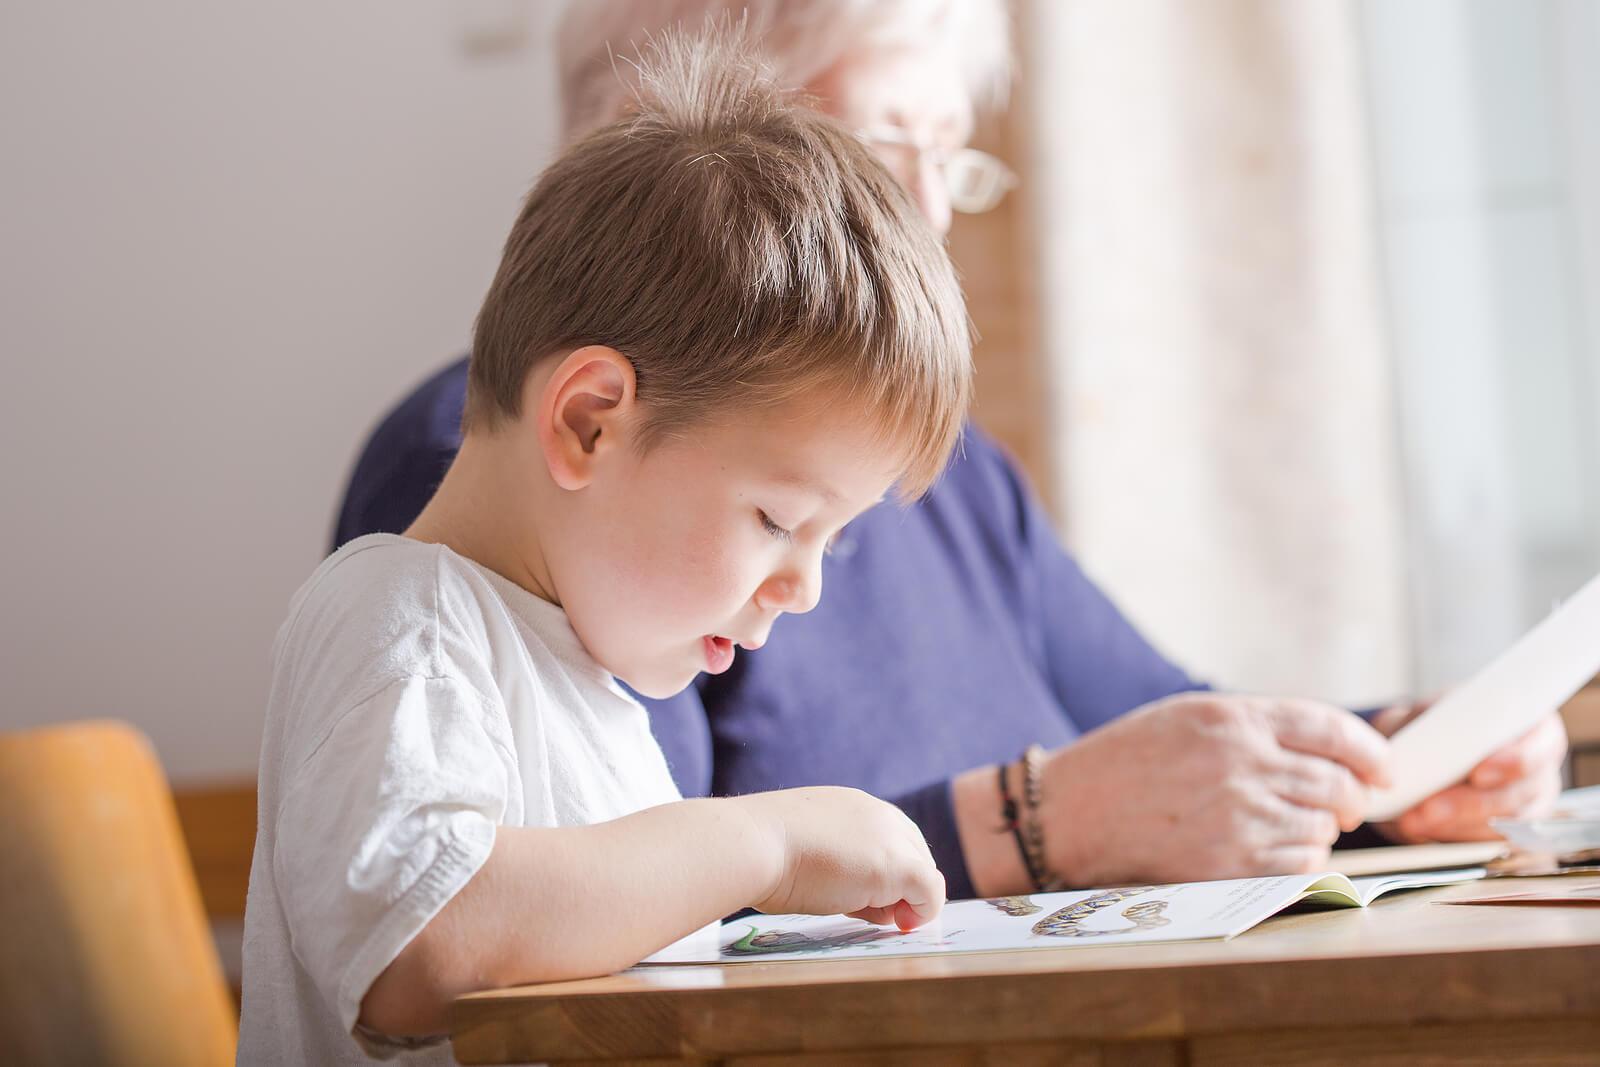 Niño aprendiendo a leer gracias a las ideas para fomentar la lectoescritura.